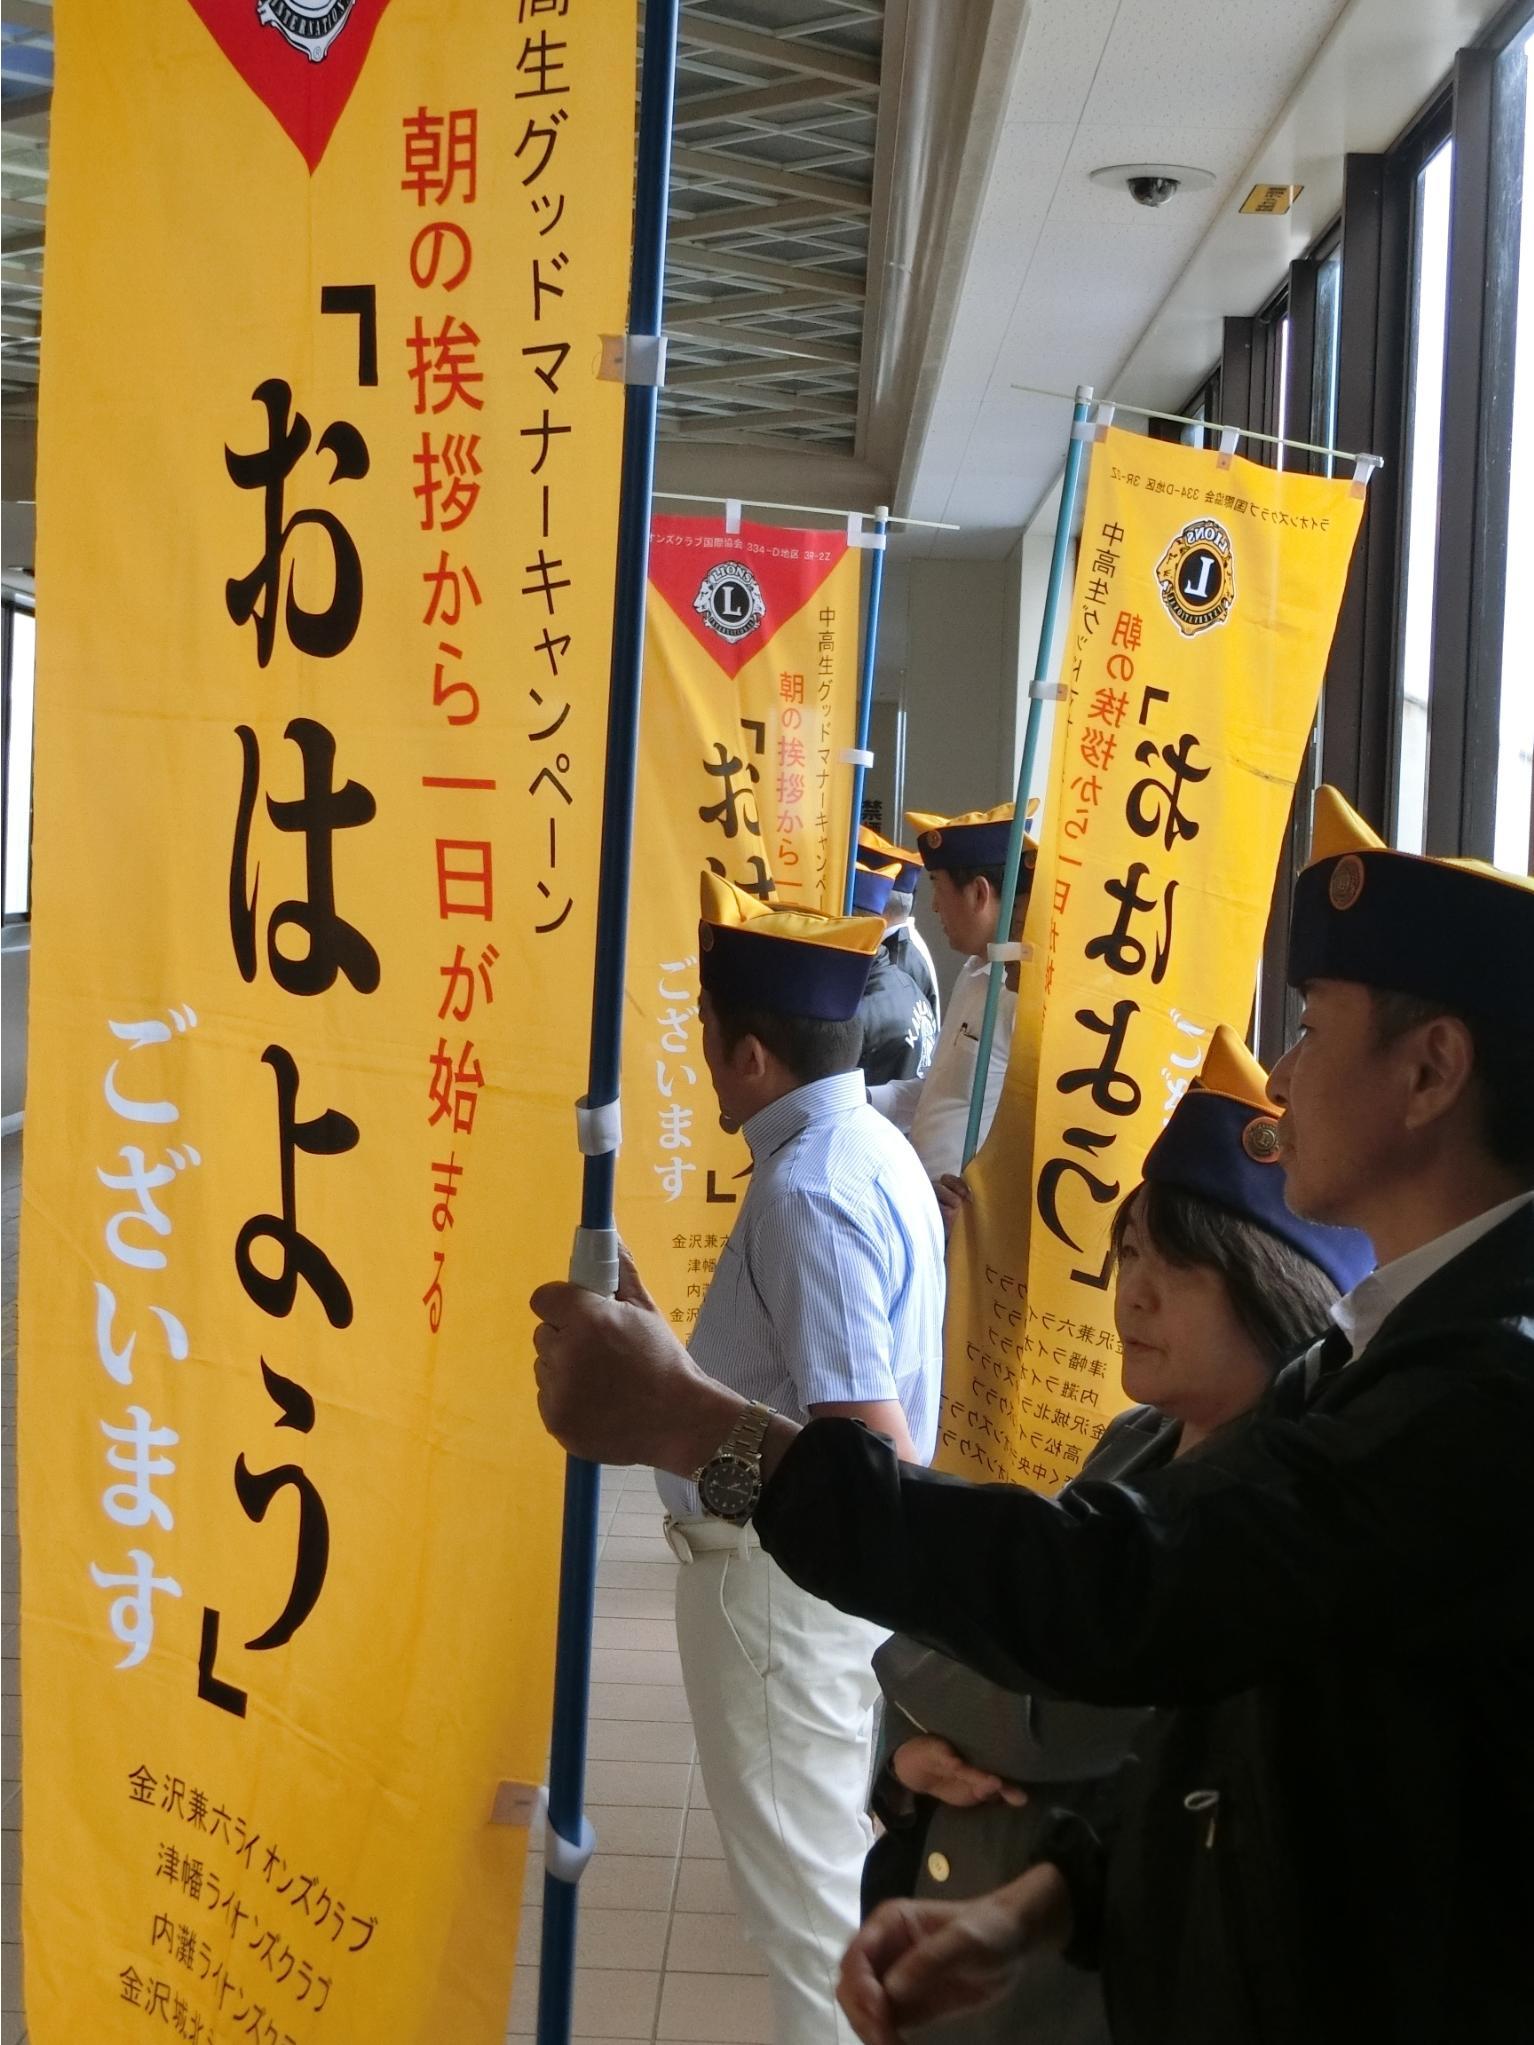 グッドマナーキャンペーン森本駅01